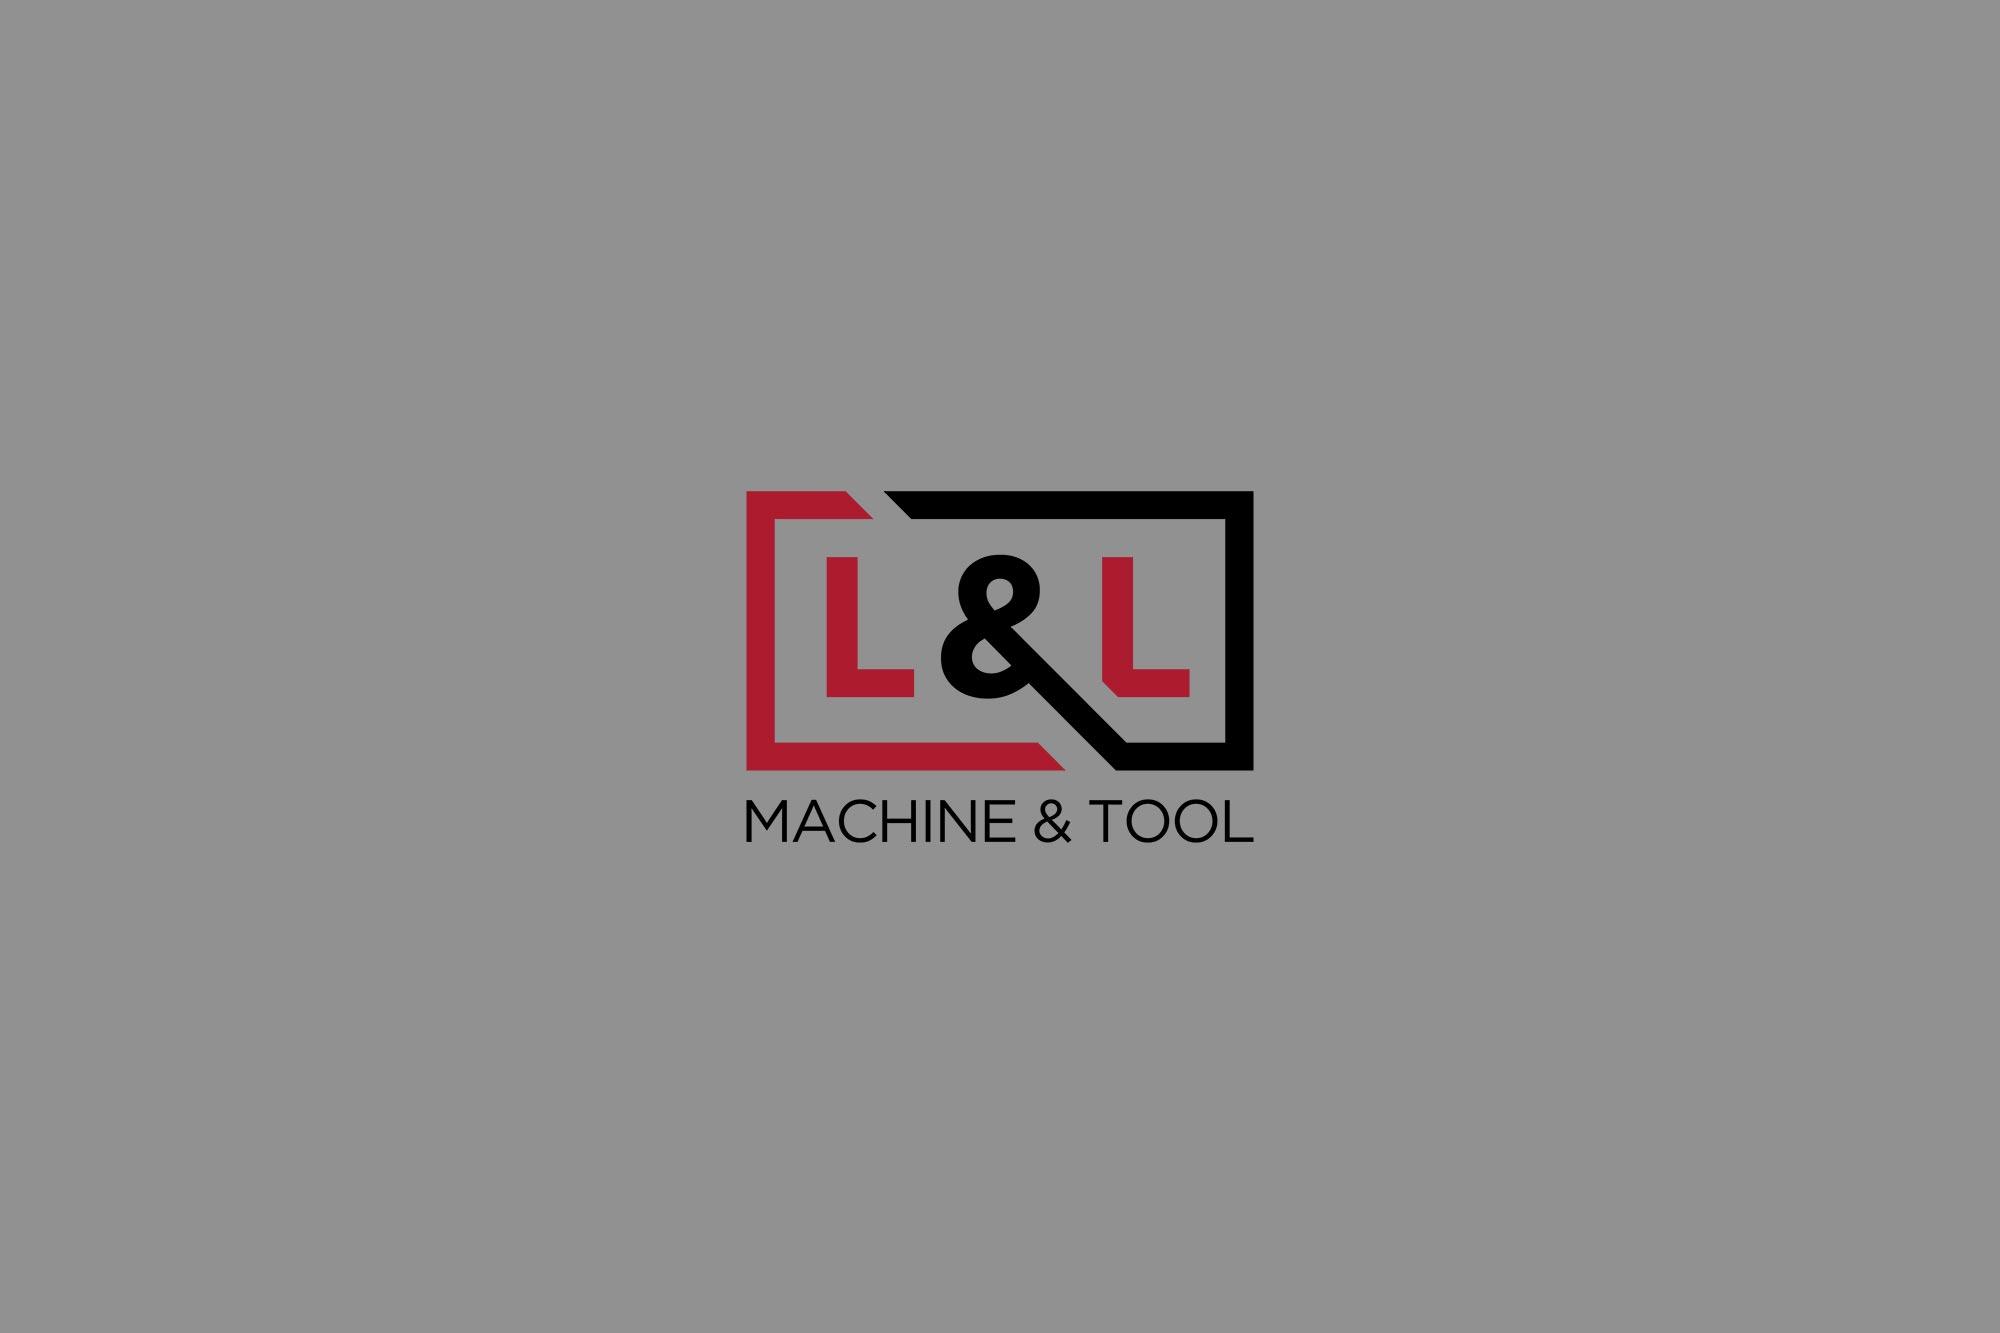 L&L Machine & Tool